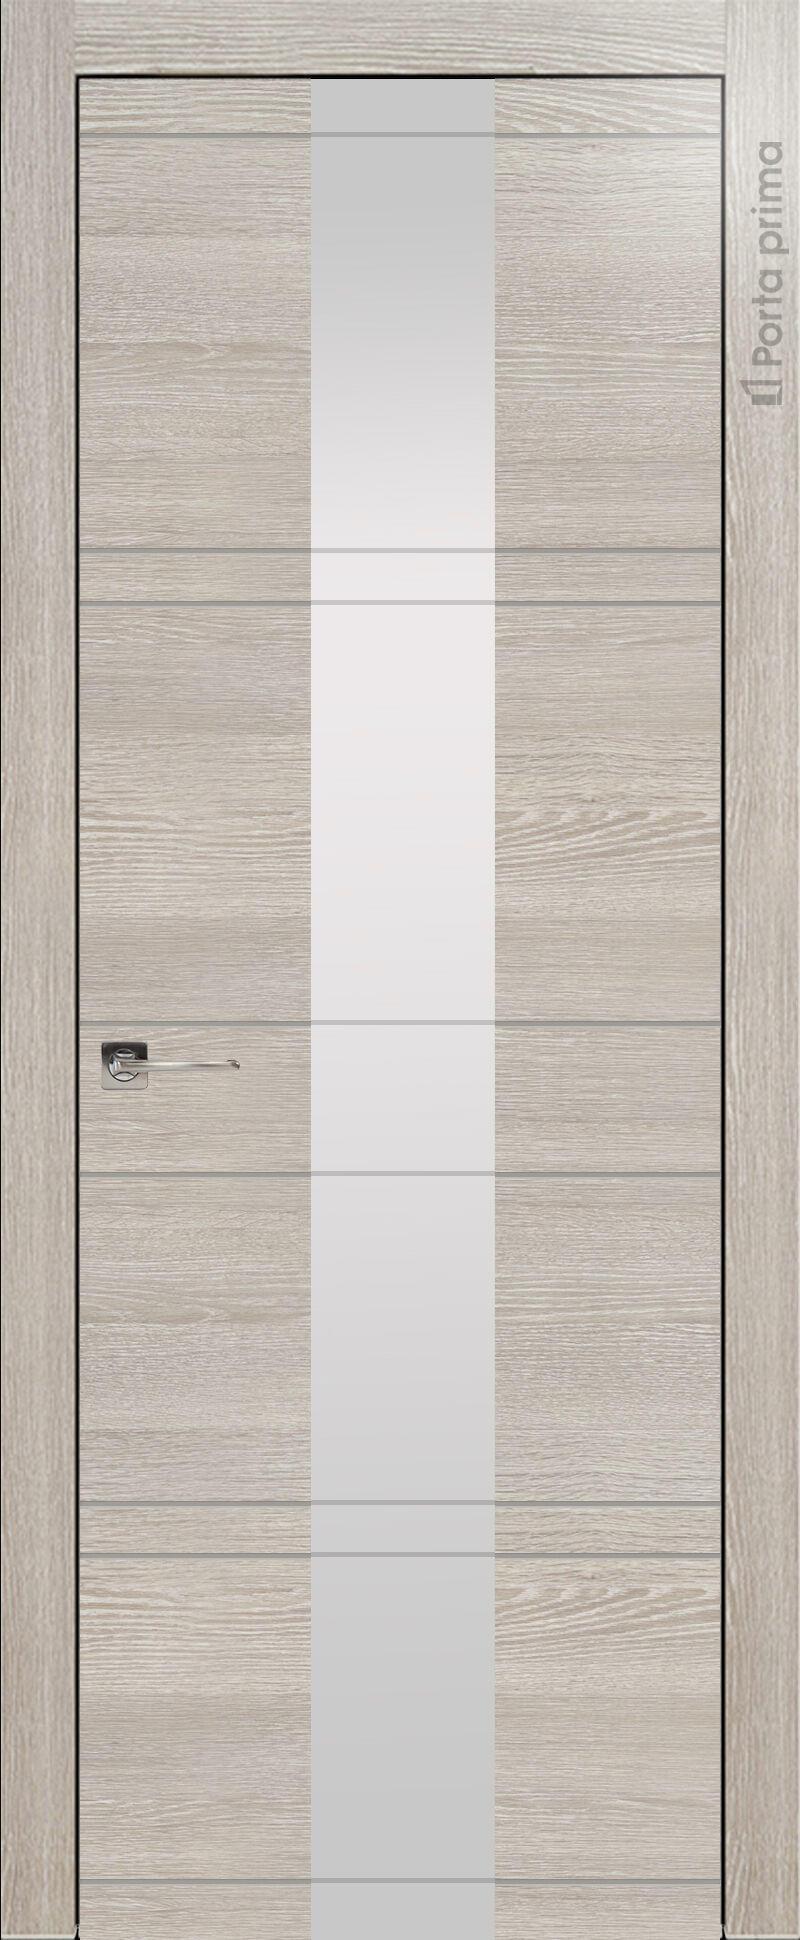 Tivoli Ж-2 цвет - Серый дуб Со стеклом (ДО)